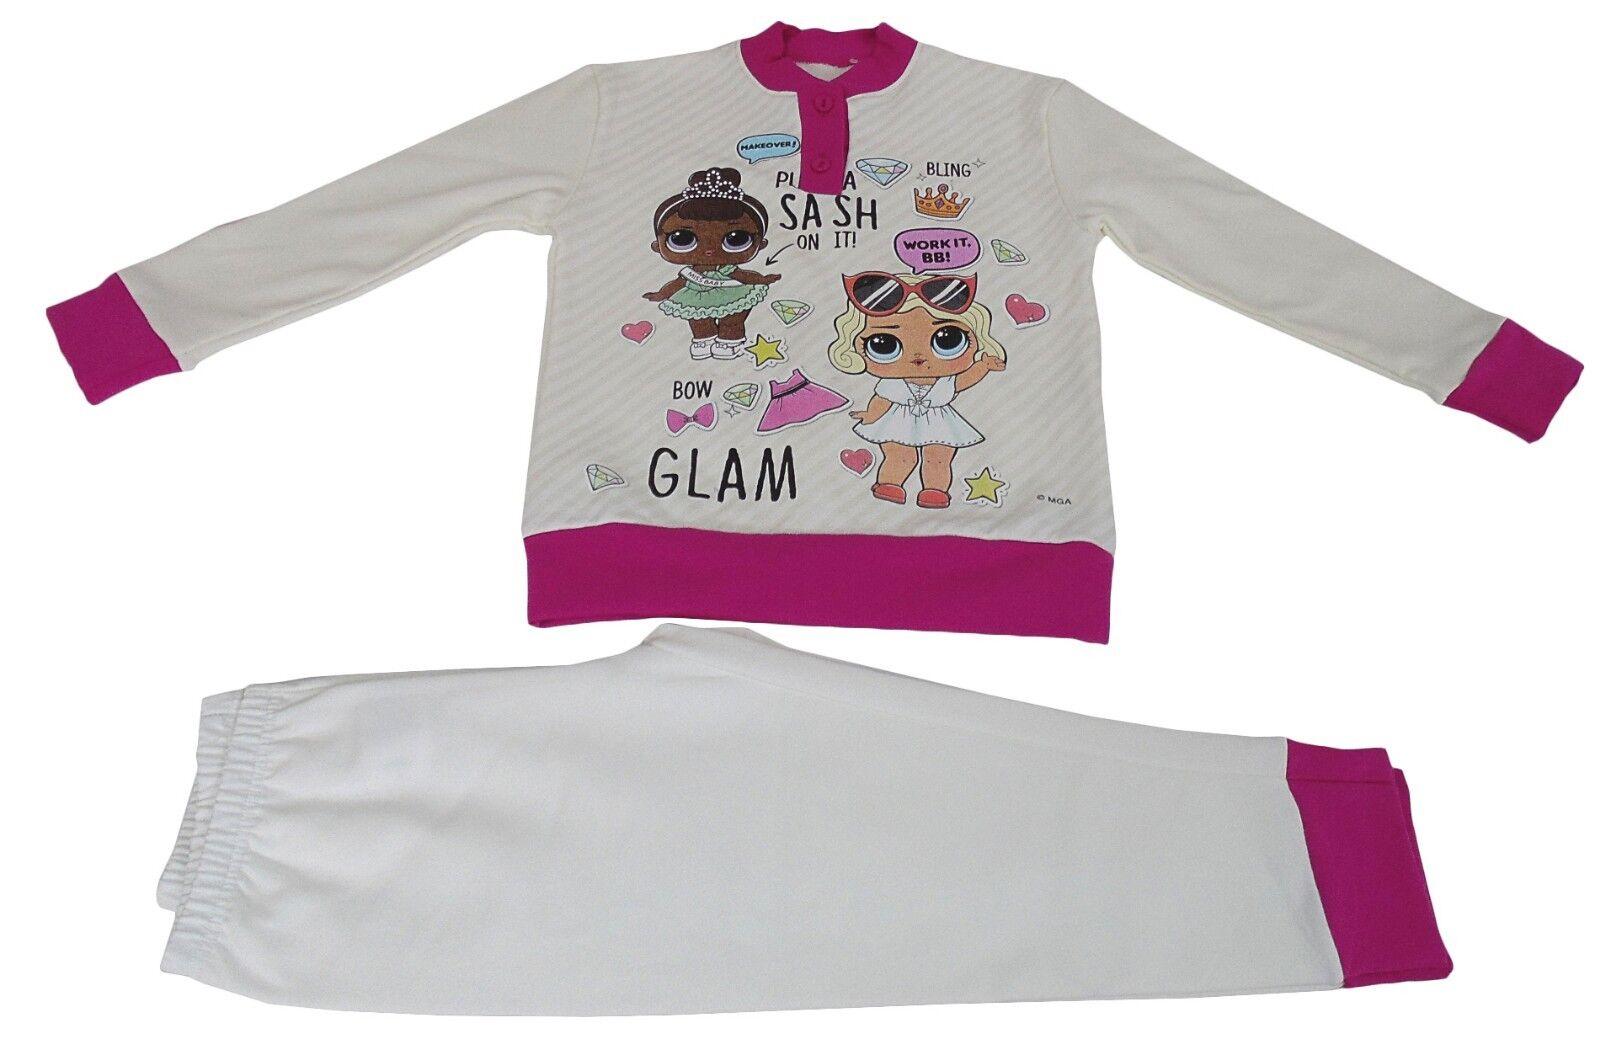 New Day Made in Italy 2 T-Shirts//Maglie Intima da Uomo Manica Lunga in Caldo Cotone